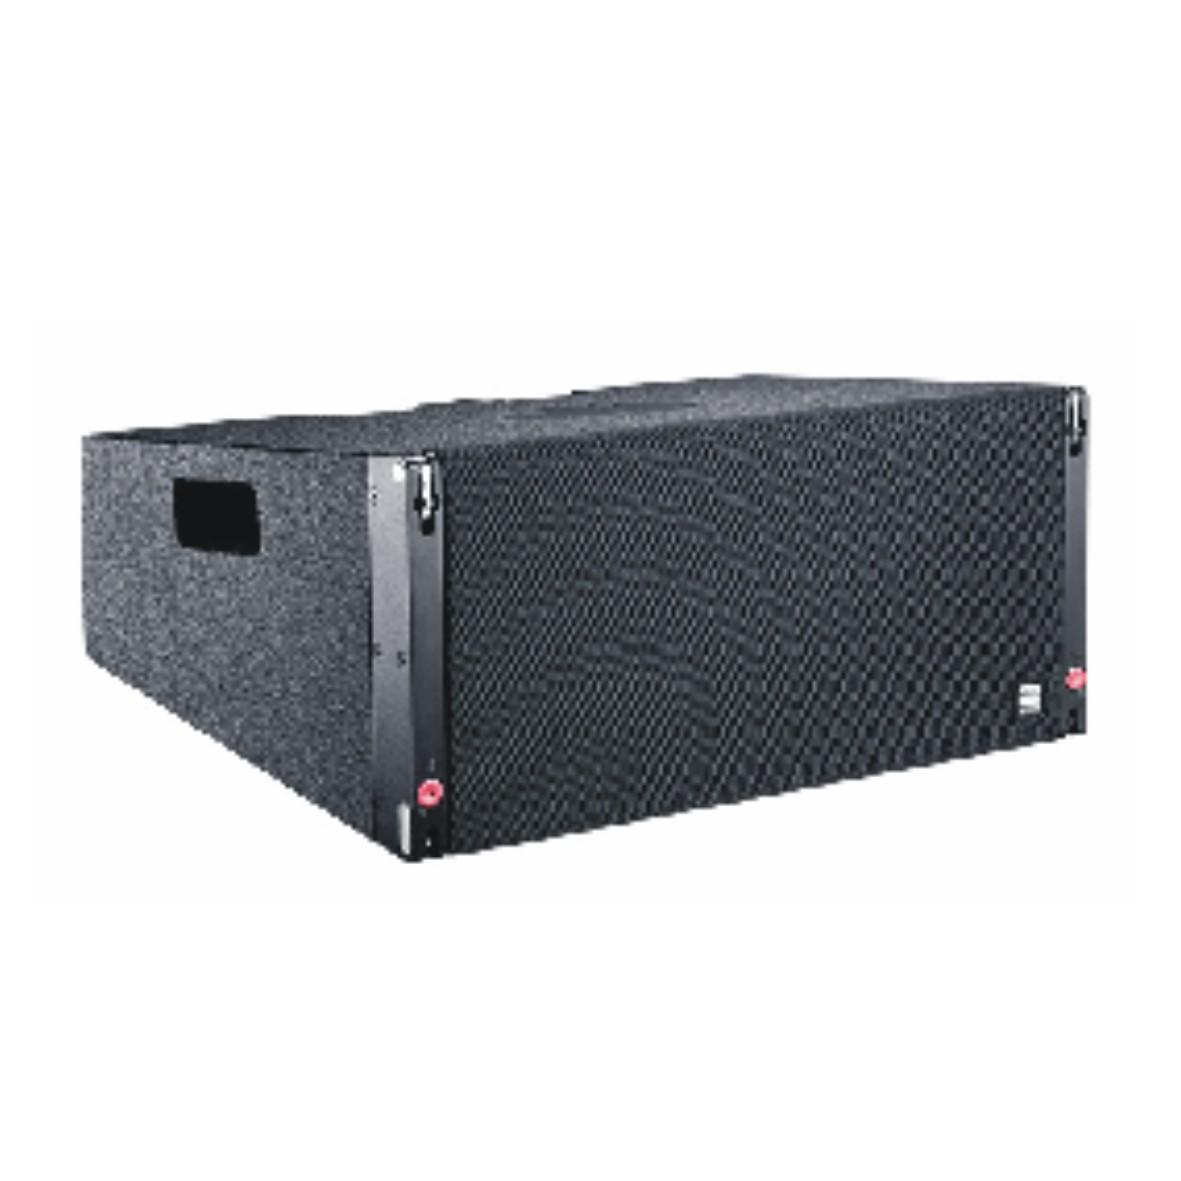 Mini-one 大功率2分频线小型性阵列扬声器